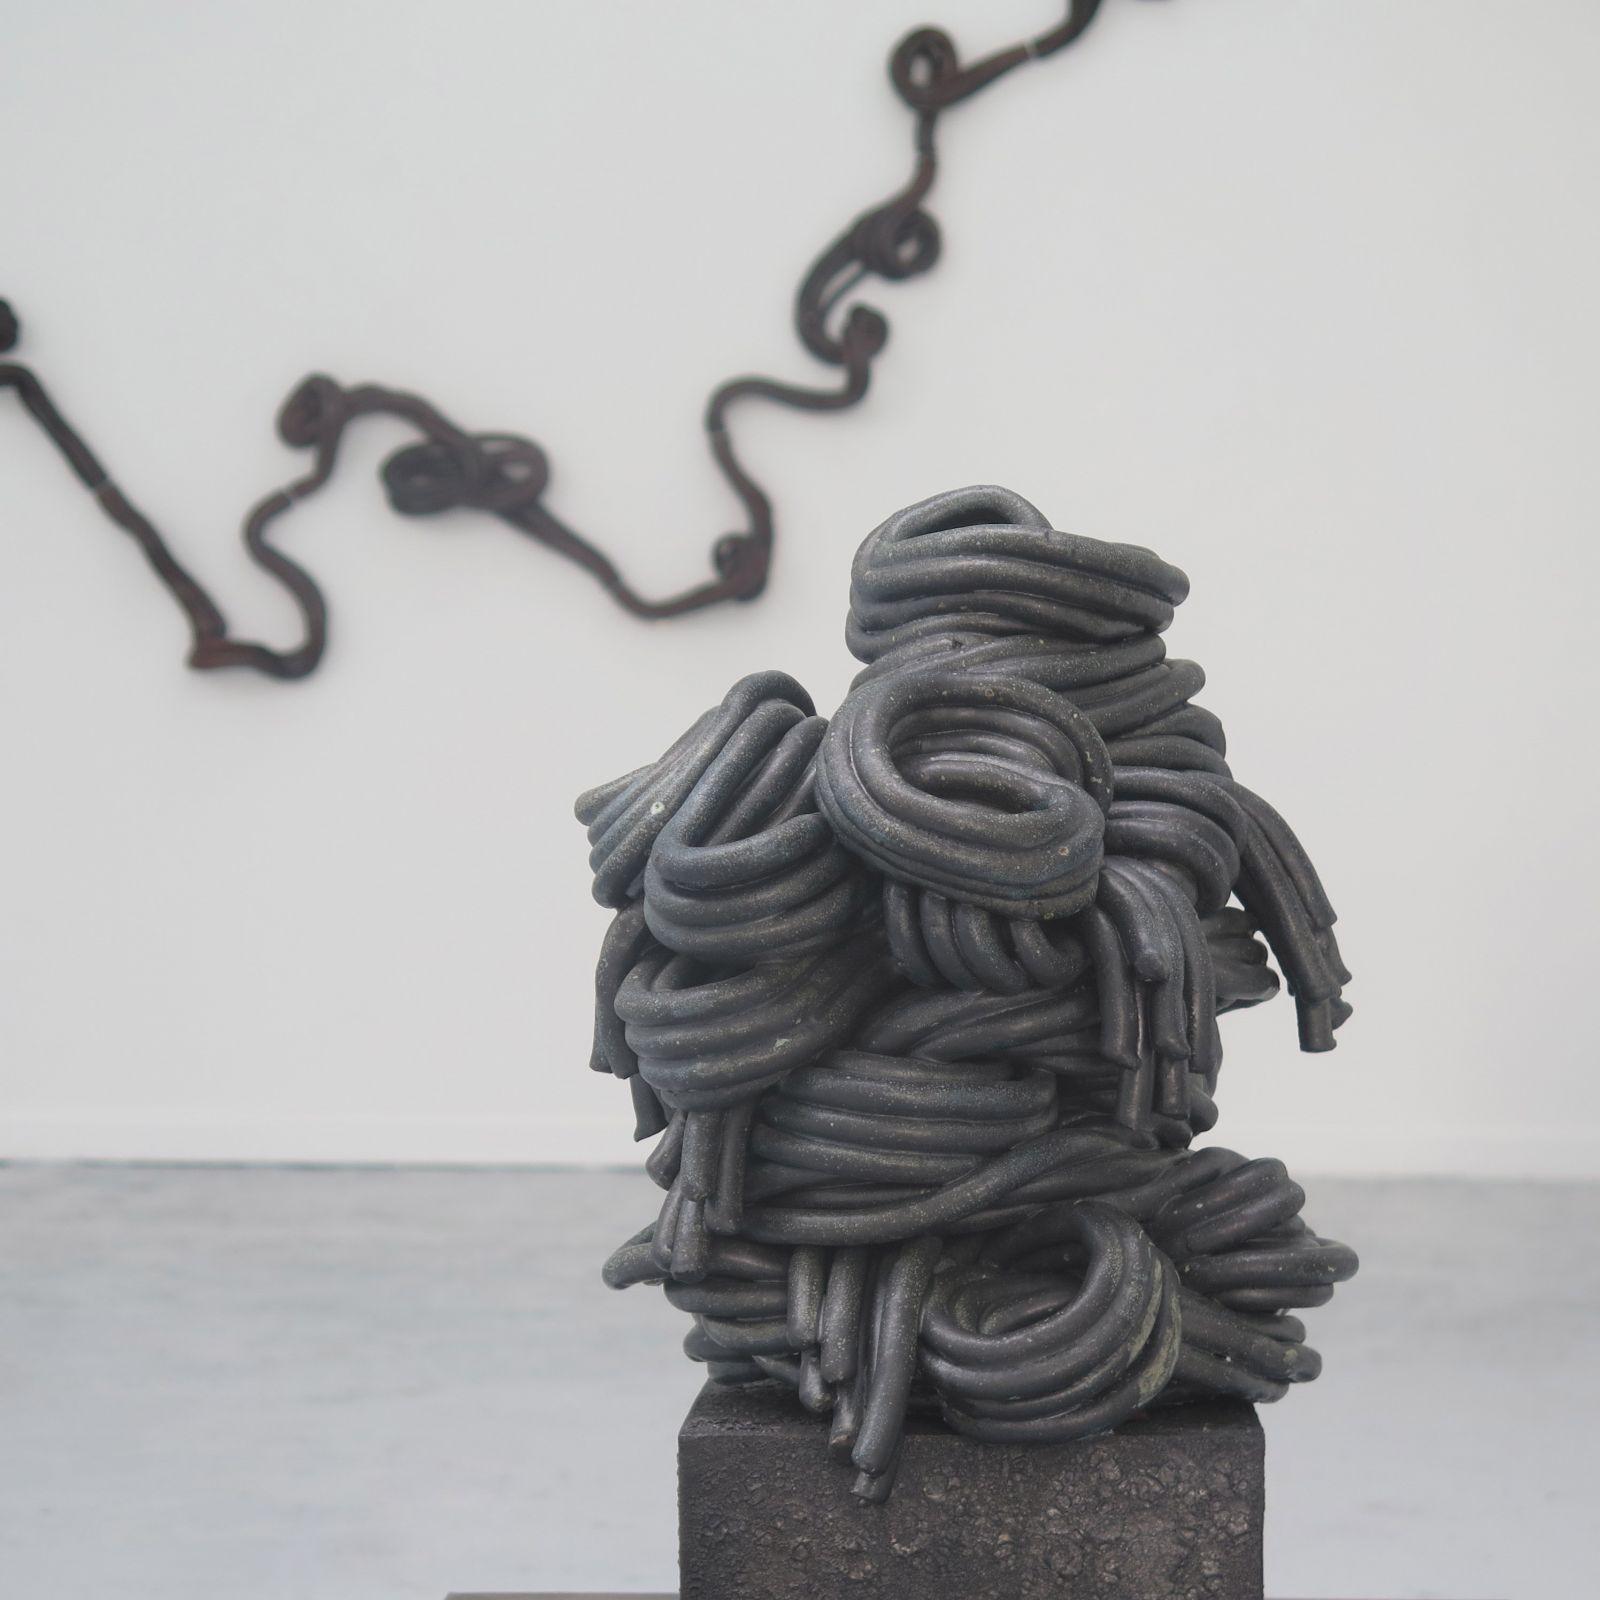 006-bd-vue-d-expo-antoine-tarot-a-progress-gallery-2016-6cc81a9149dde059fa79ab53df57cda9